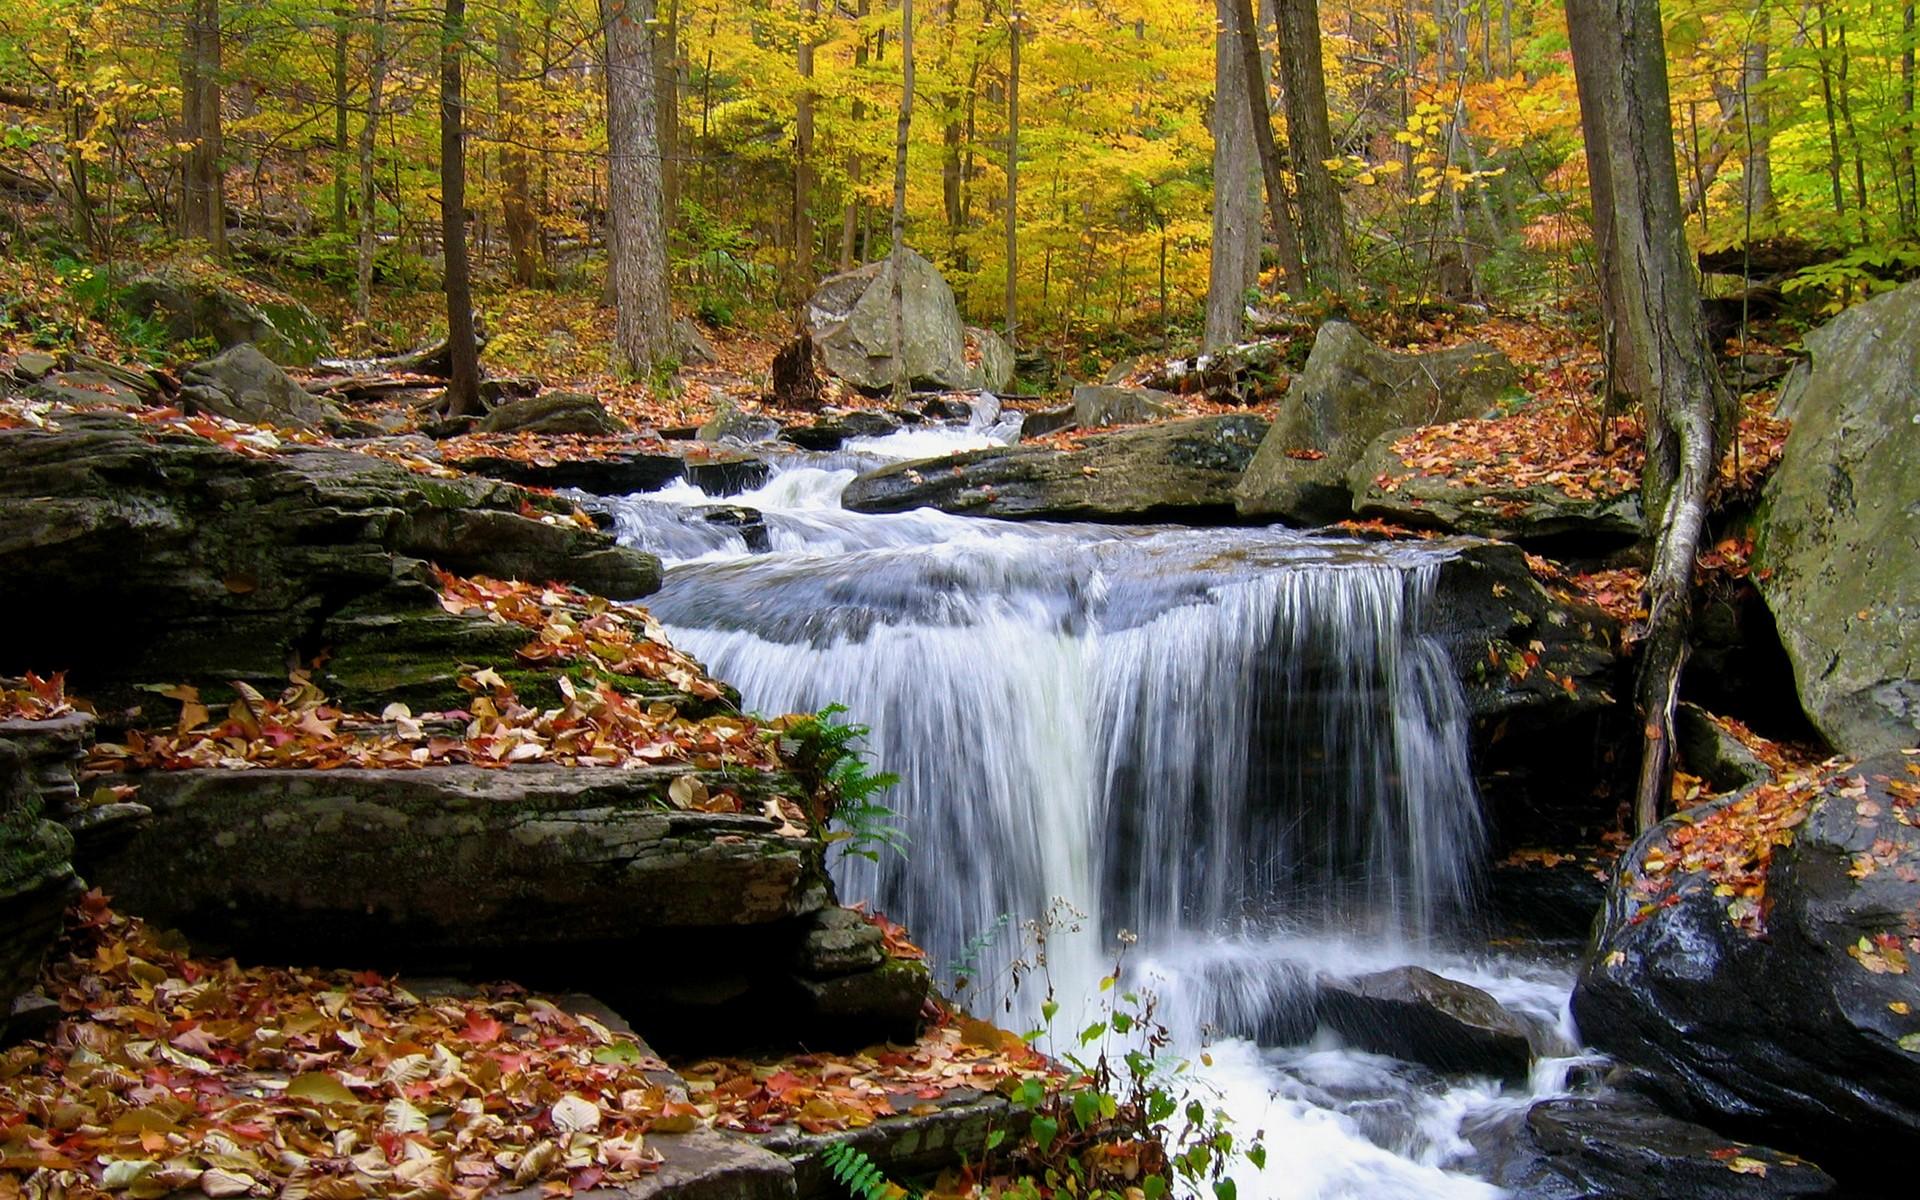 осень, лес, ручей